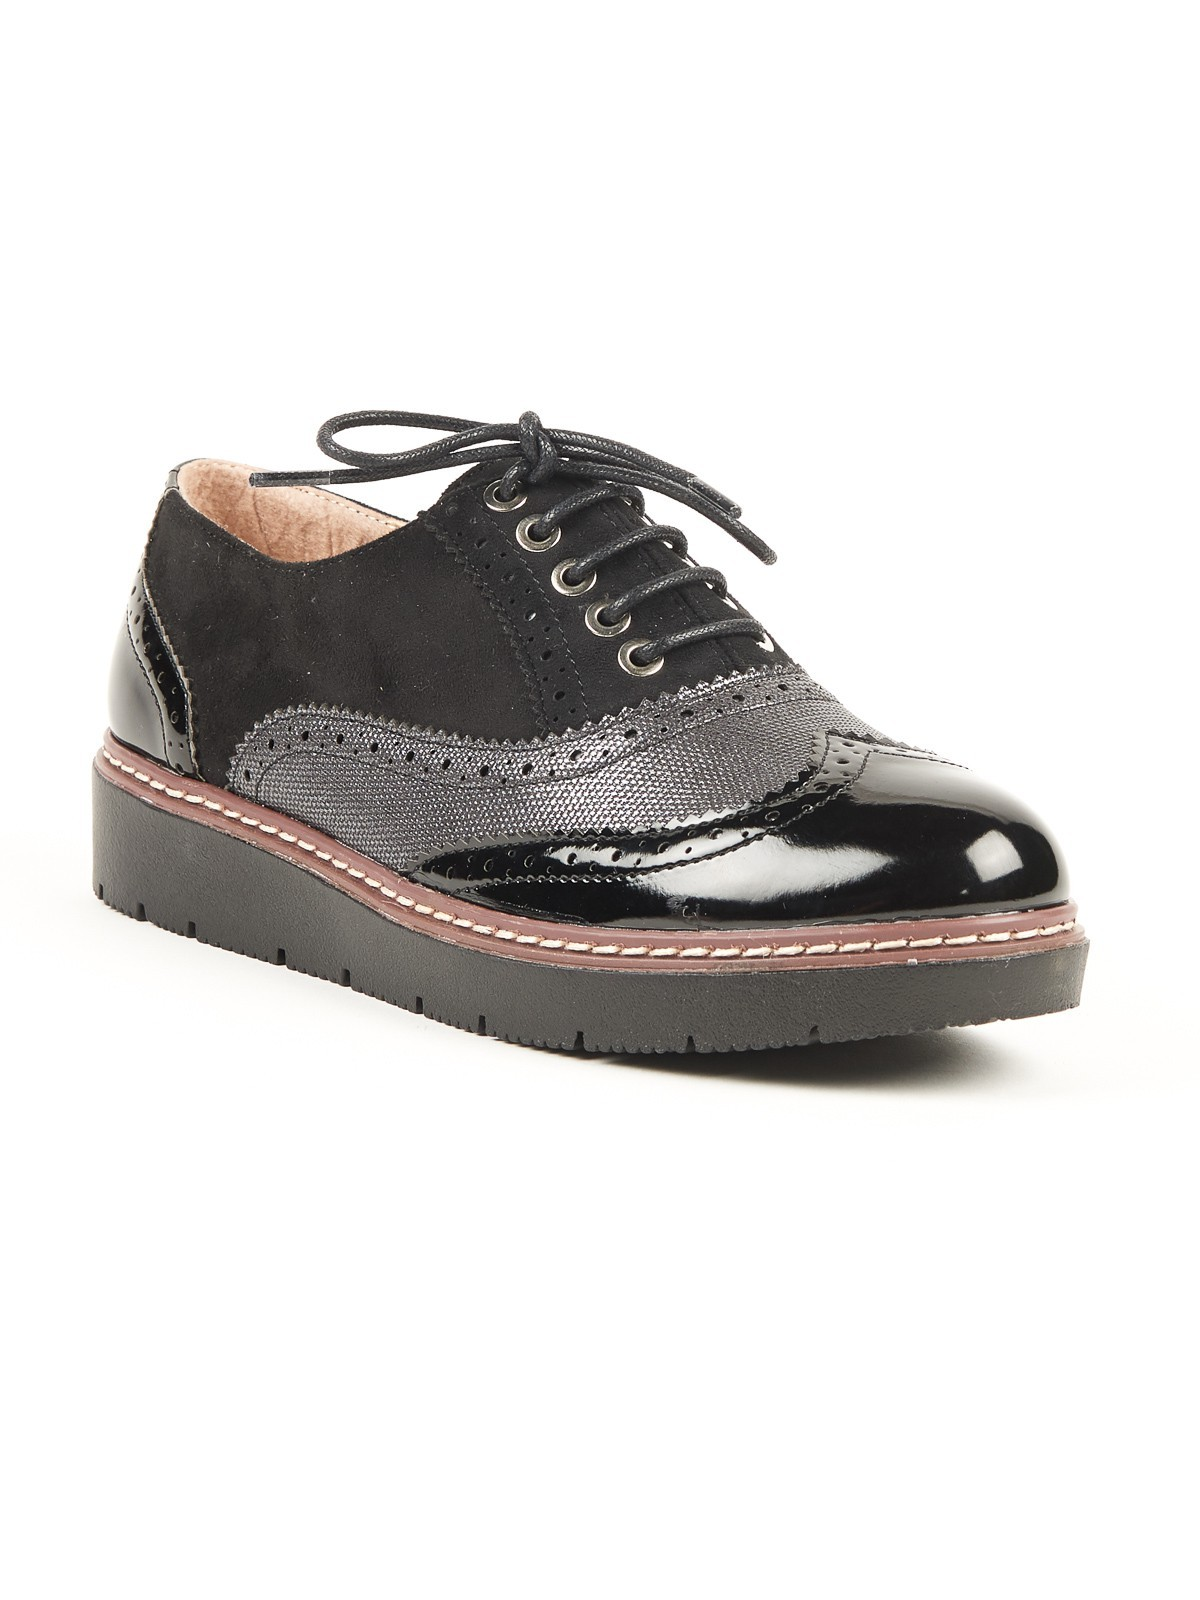 Chaussures à lacets femme noir (36 41) DistriCenter